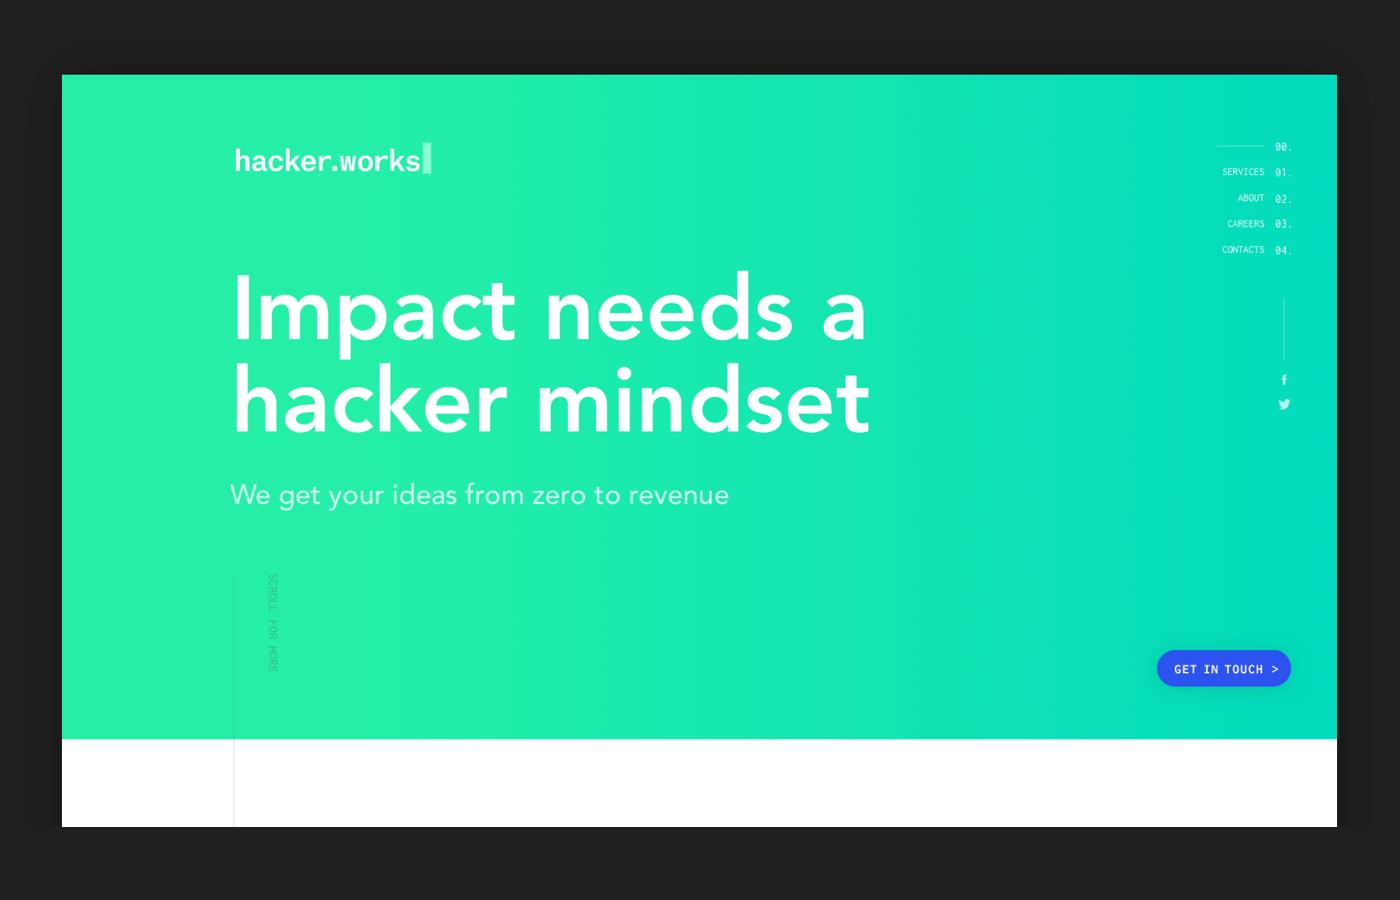 hackerworks-website